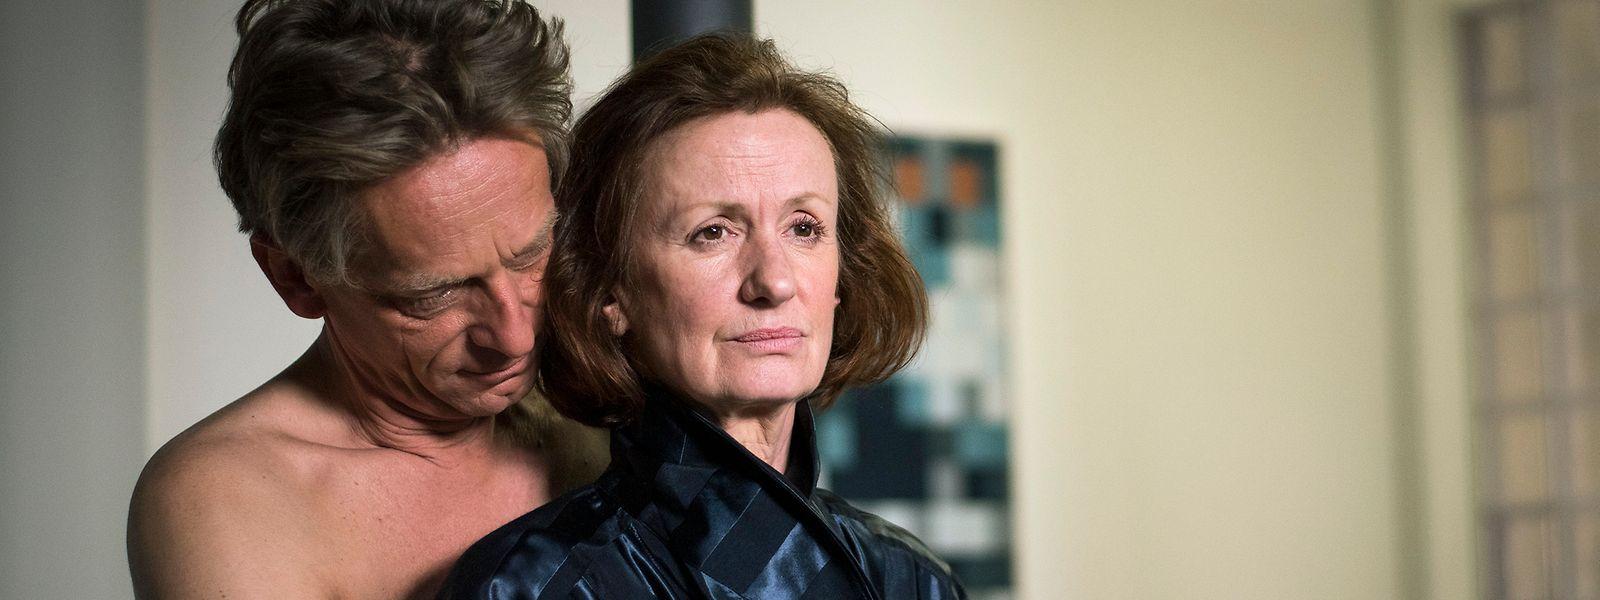 Spannender Saisonbeginn: Anna (Irene Fischer) steht zwischen den Fronten. Als sie von ihrem Lover Wolf Lohmaier (Michael Müller-Reisinger) erfährt, dass ausgerechnet er hinter dem Kauf des Hofes der Lindenstraße Nr. 3 steckt, ist sie irritiert.